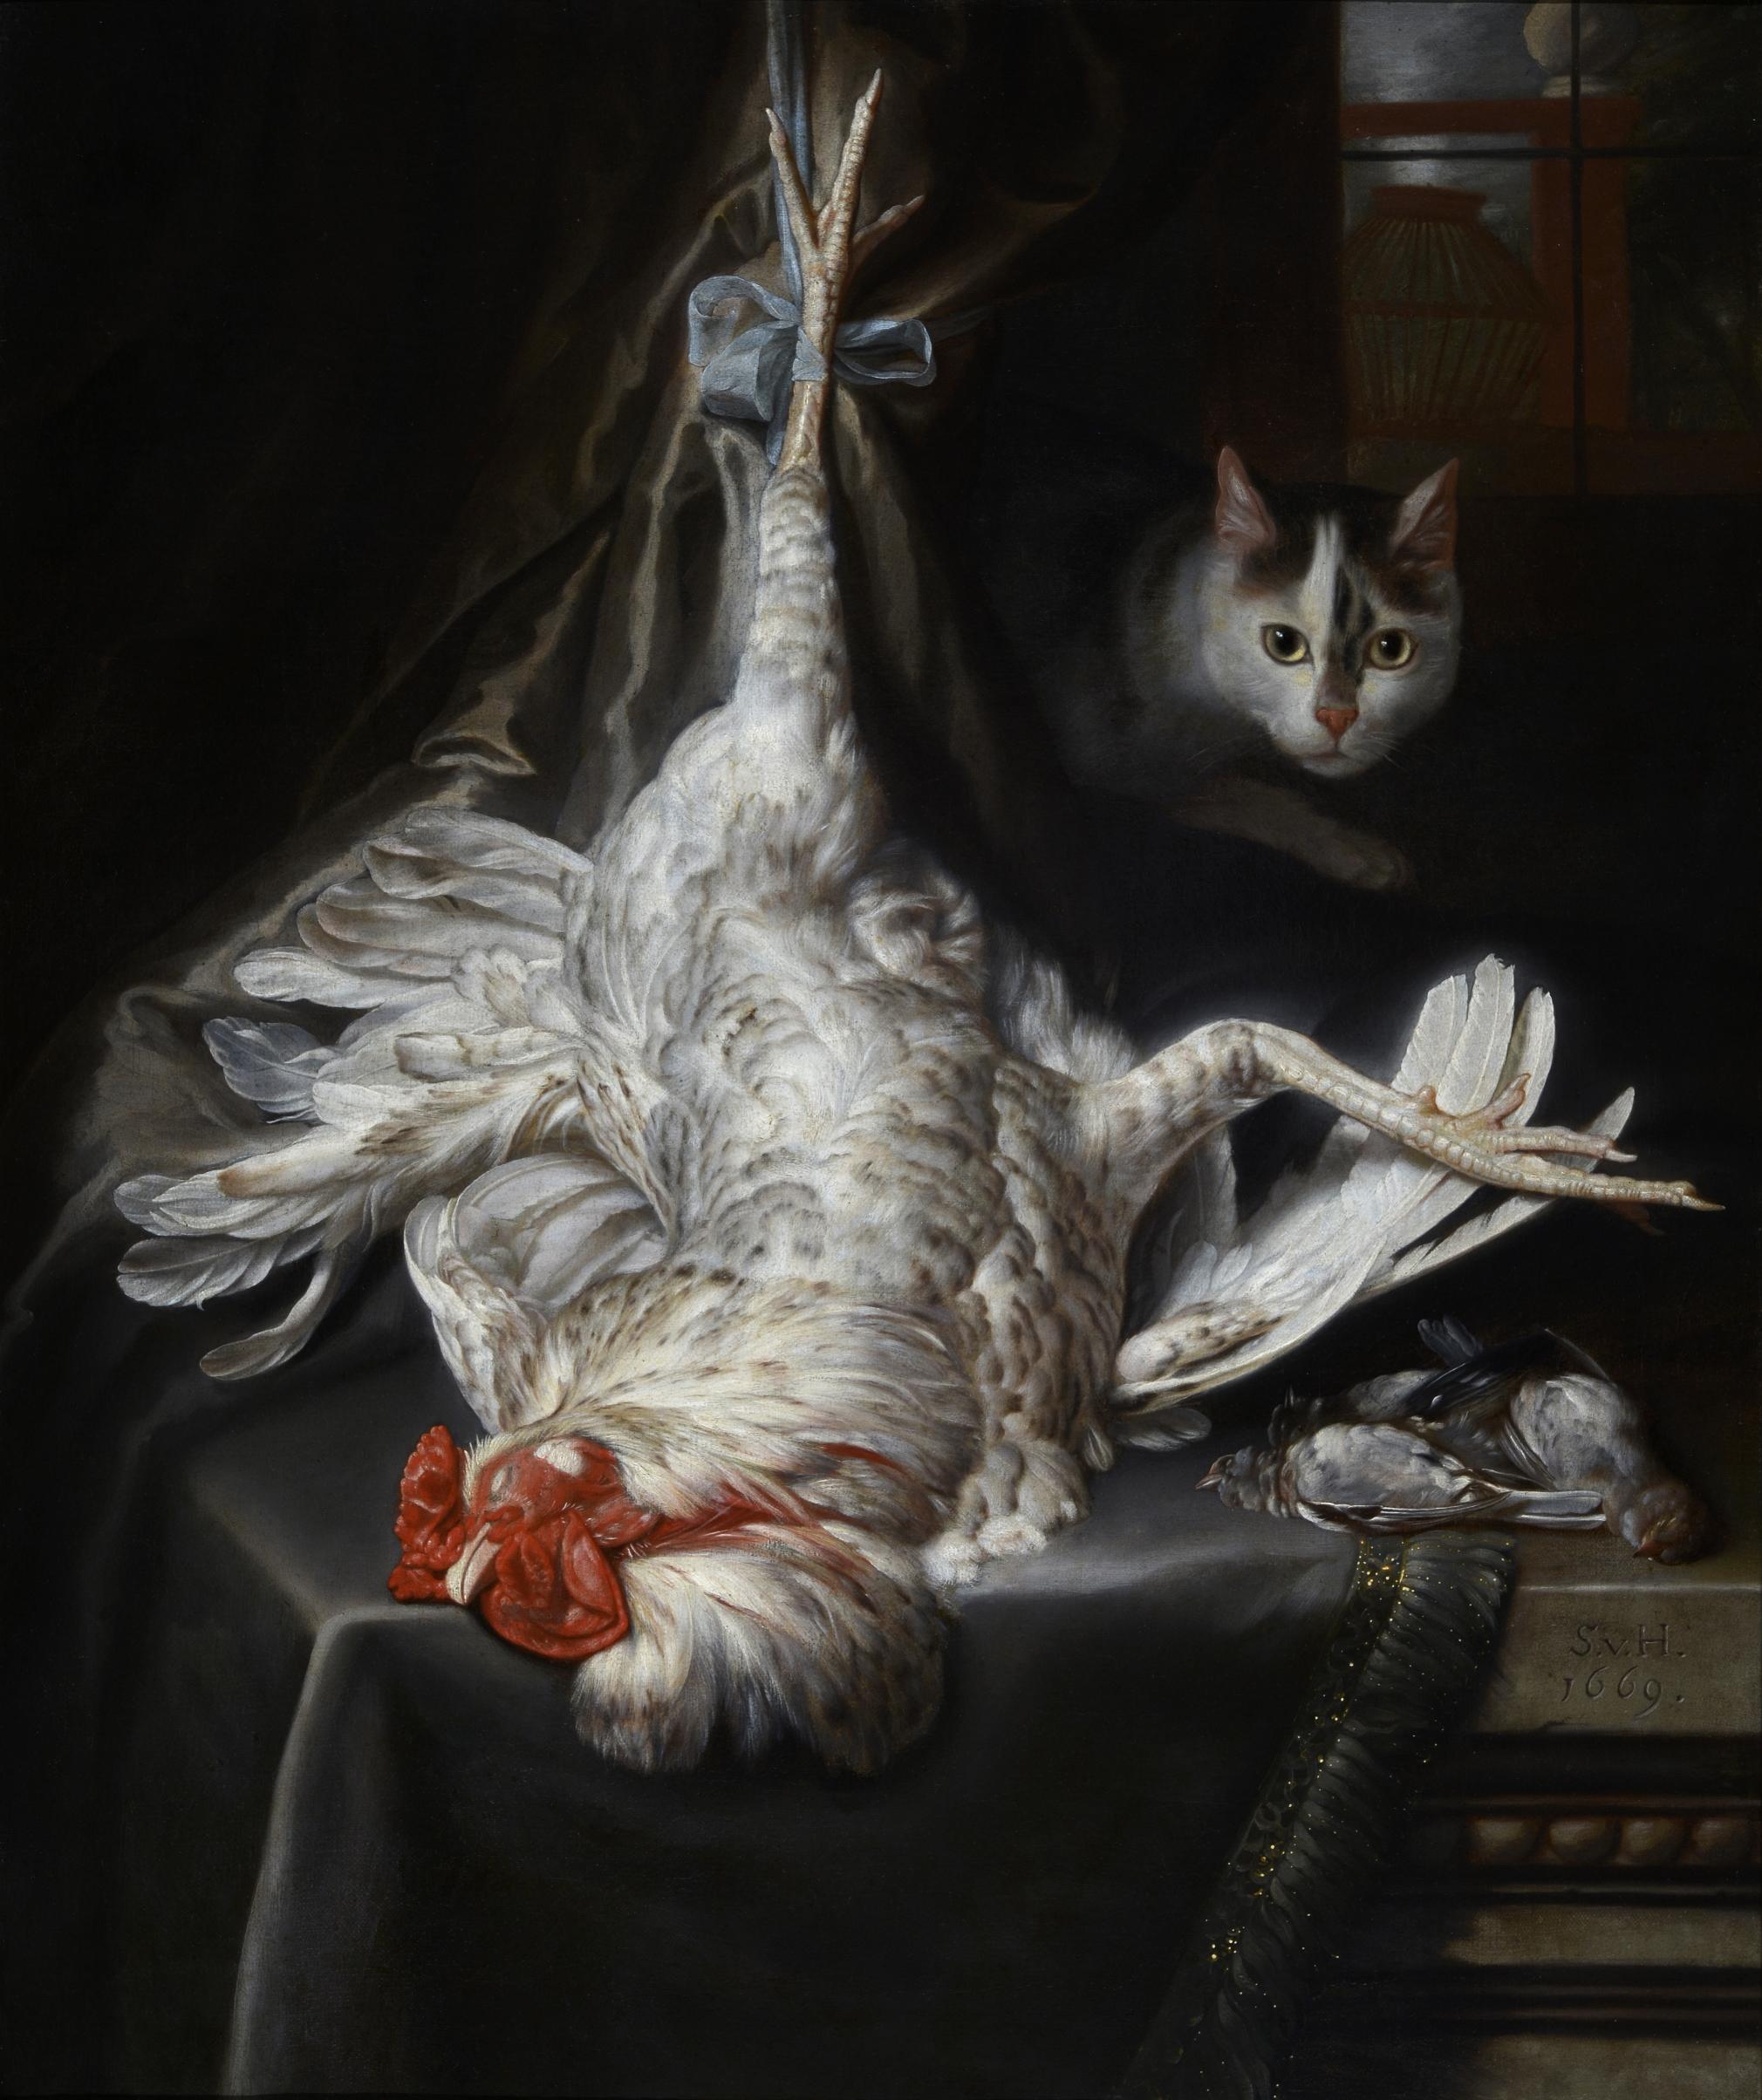 Samuel van Hoogstraten, Bird Still Life with Cat, 1669, Collection of Dordrecht Museum